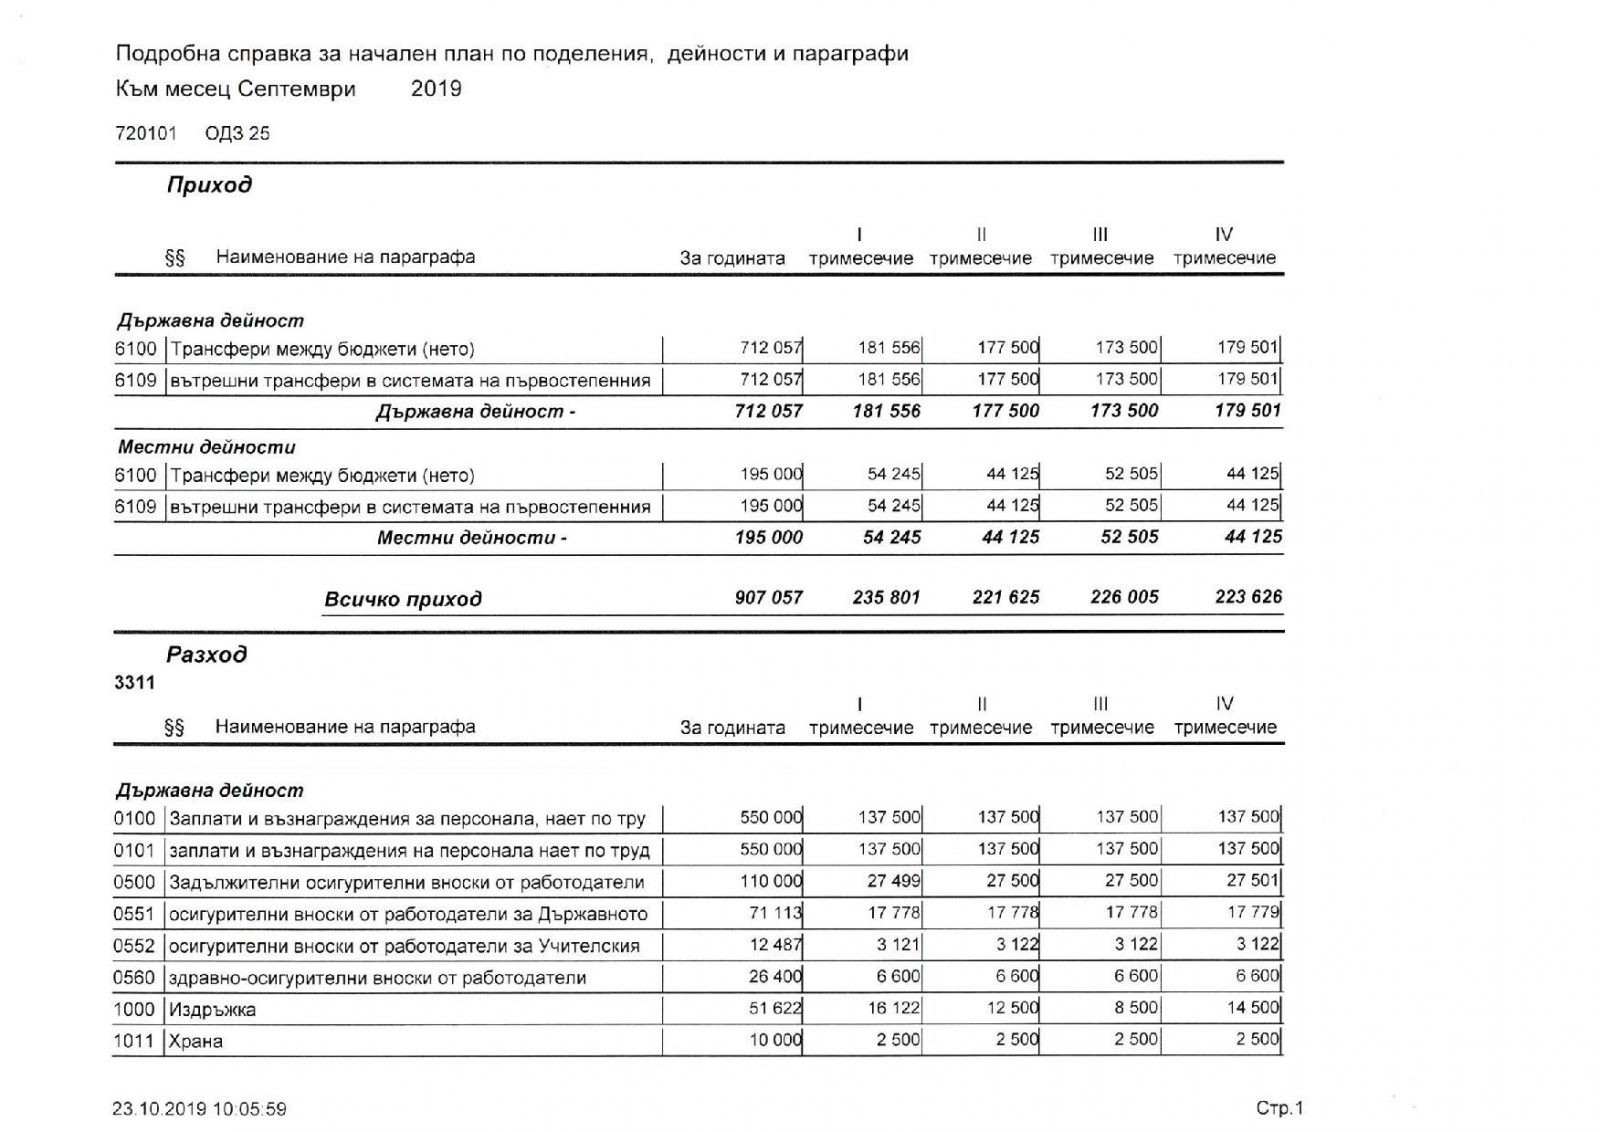 Бюджет всичко 2019 г-стр 2